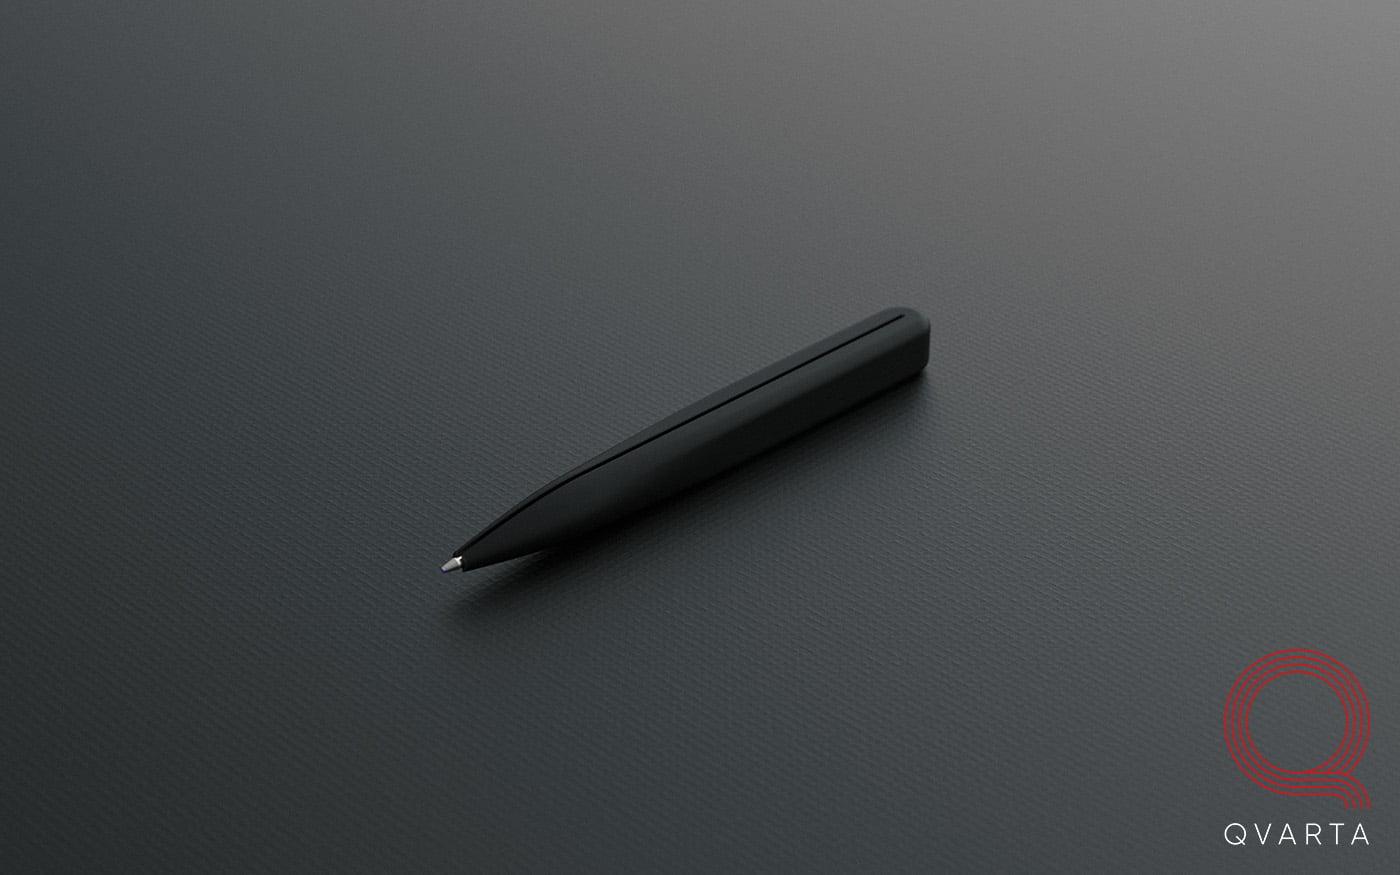 Ручка с лого Qvarta, вид сбоку.